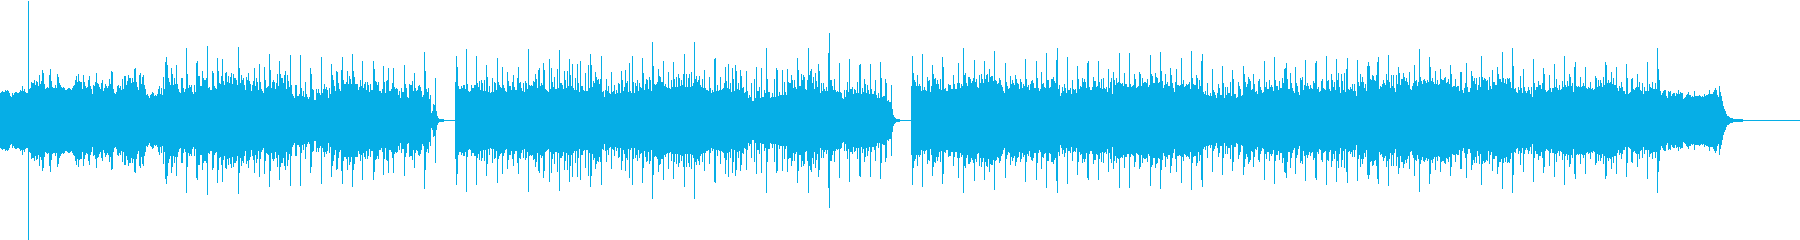 メロー、メロディック、グルーヴィーの再生済みの波形